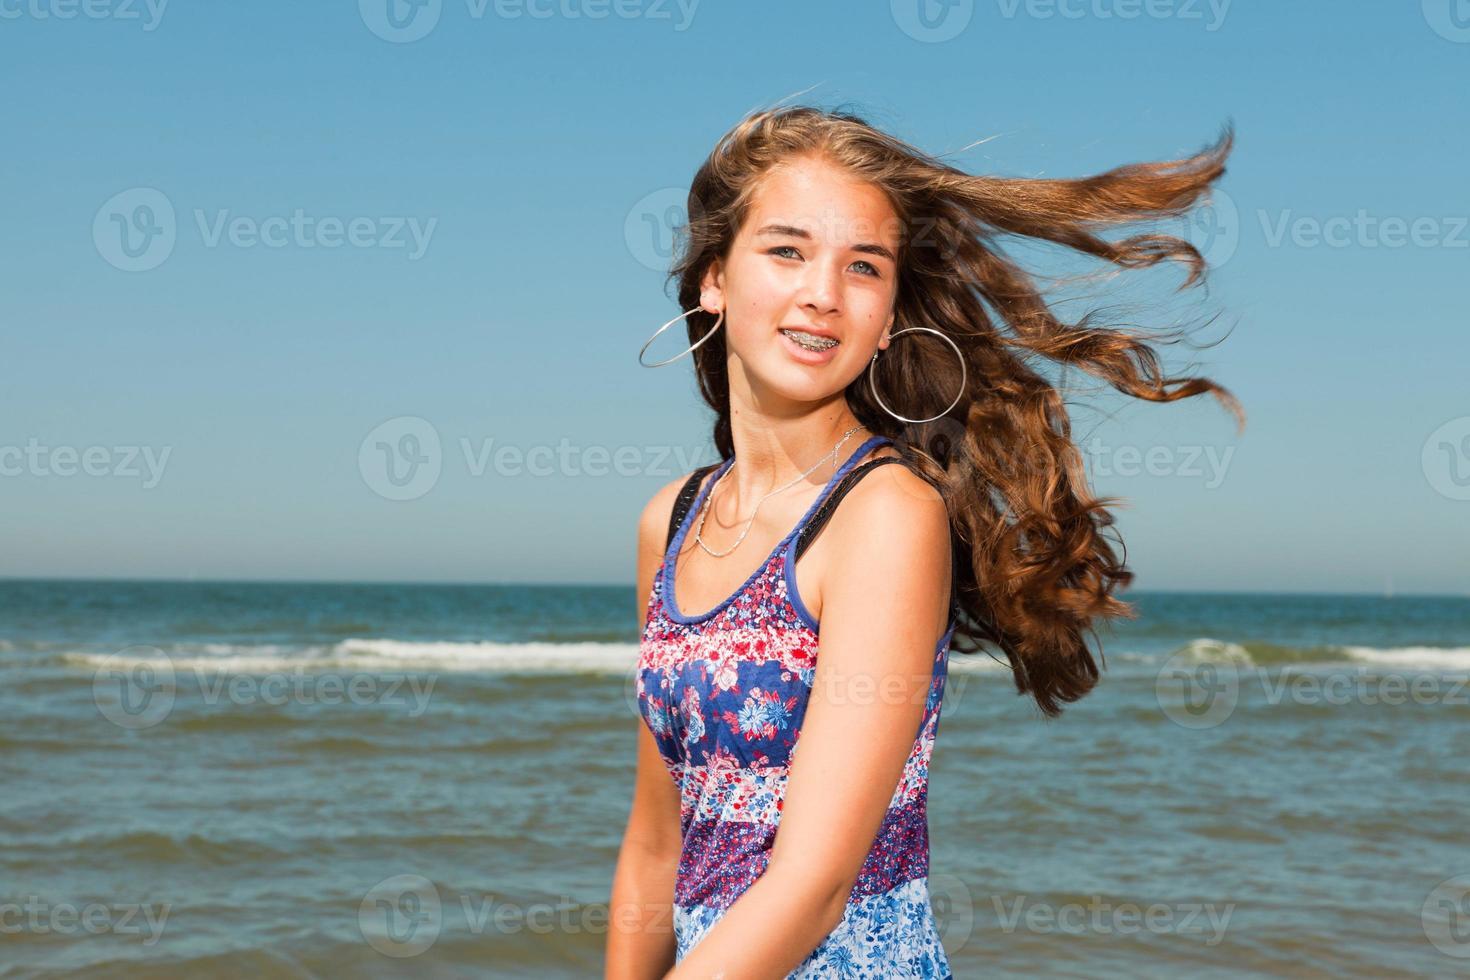 ragazza felice con lunghi capelli castani godendo la spiaggia rinfrescante. foto